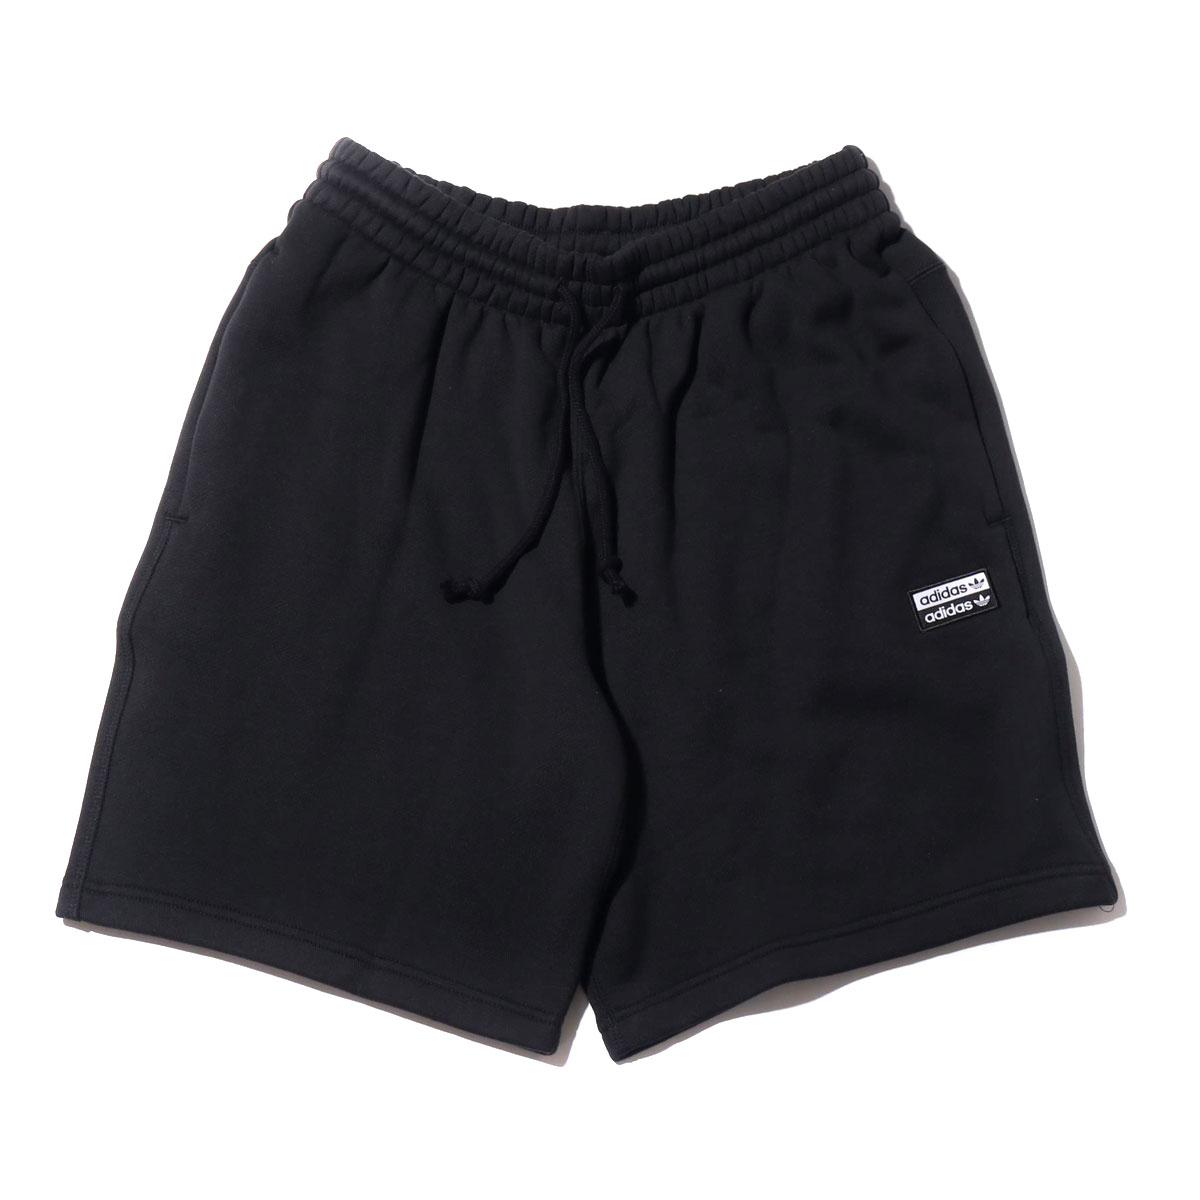 メンズファッション, ズボン・パンツ adidas Originals R.Y.V. SHORTS(BLACK)( R.Y.V. )19FW-I